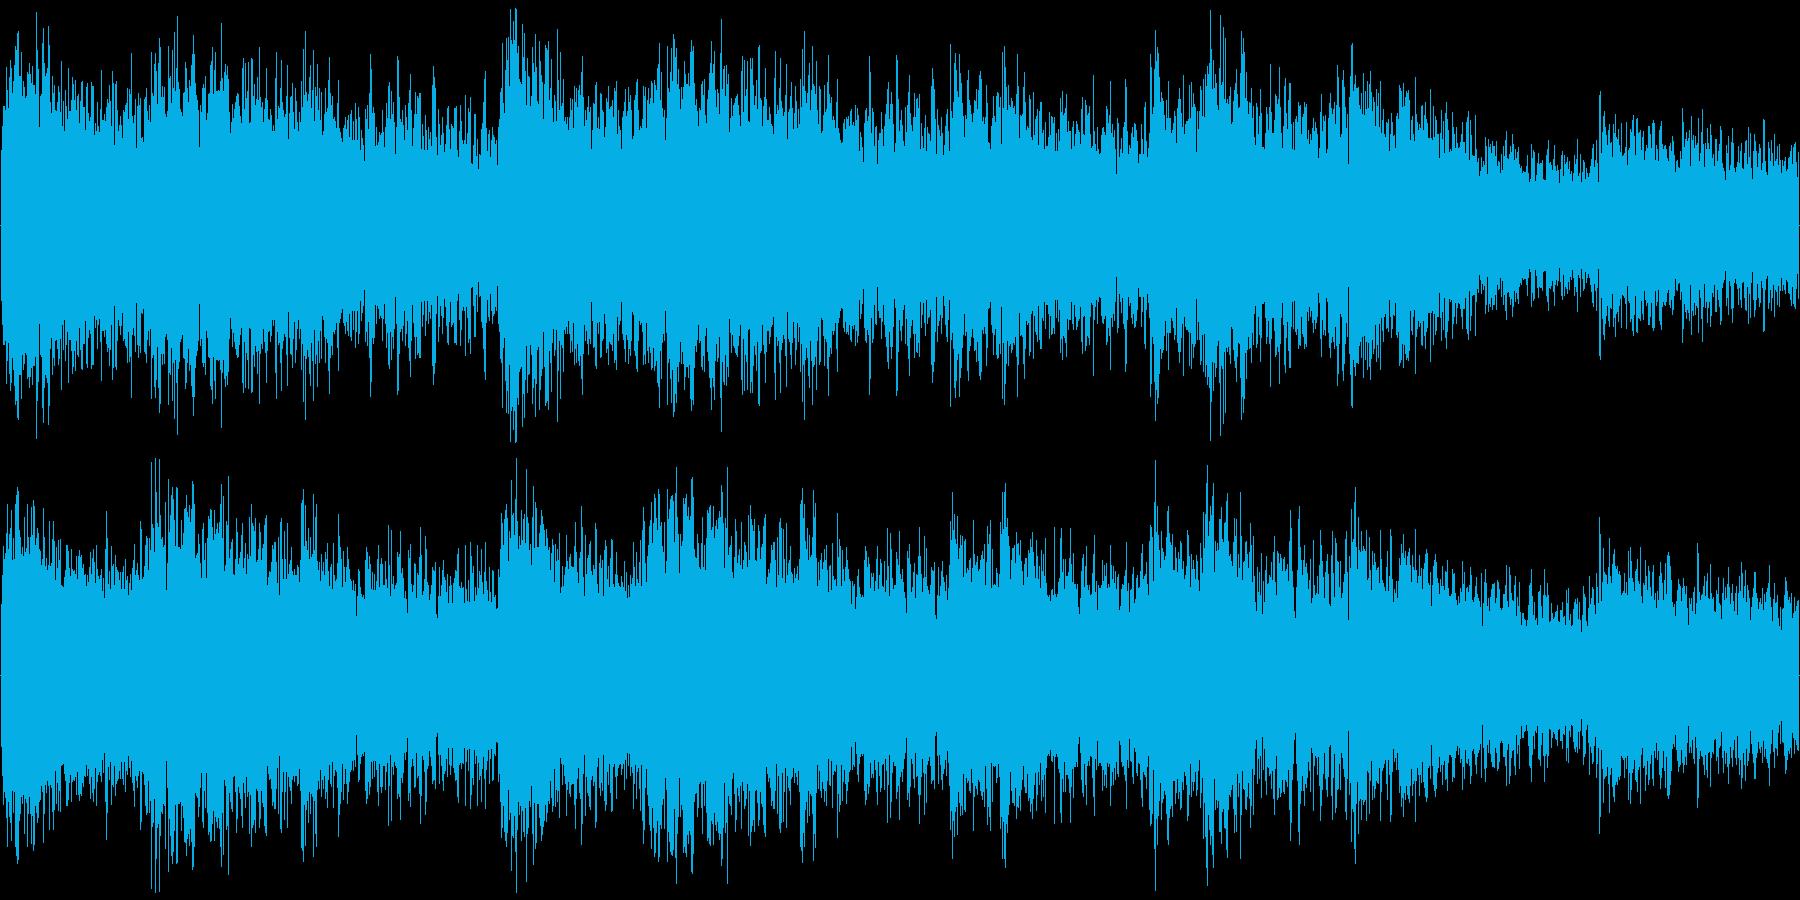 重々しい情景の楽曲の再生済みの波形